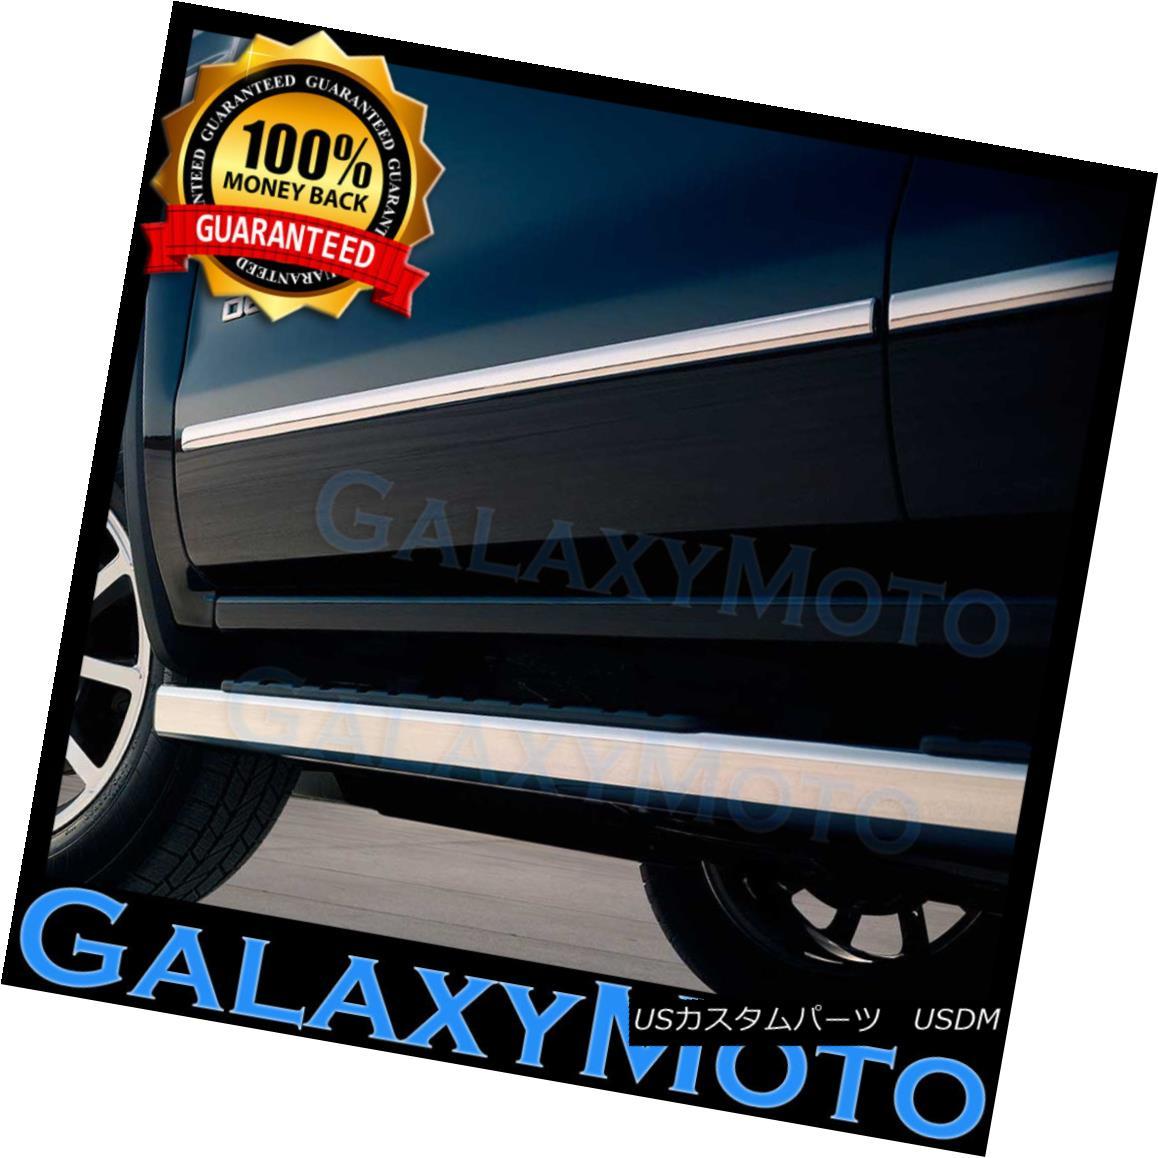 グリル 13-16 Chevy Traverse SUV 4 Door set Chrome Body Side Molding Front+Rear 4pcs 13-16シボレートラバースSUV 4ドアセットクロームボディサイドモールディングフロント+リア4個